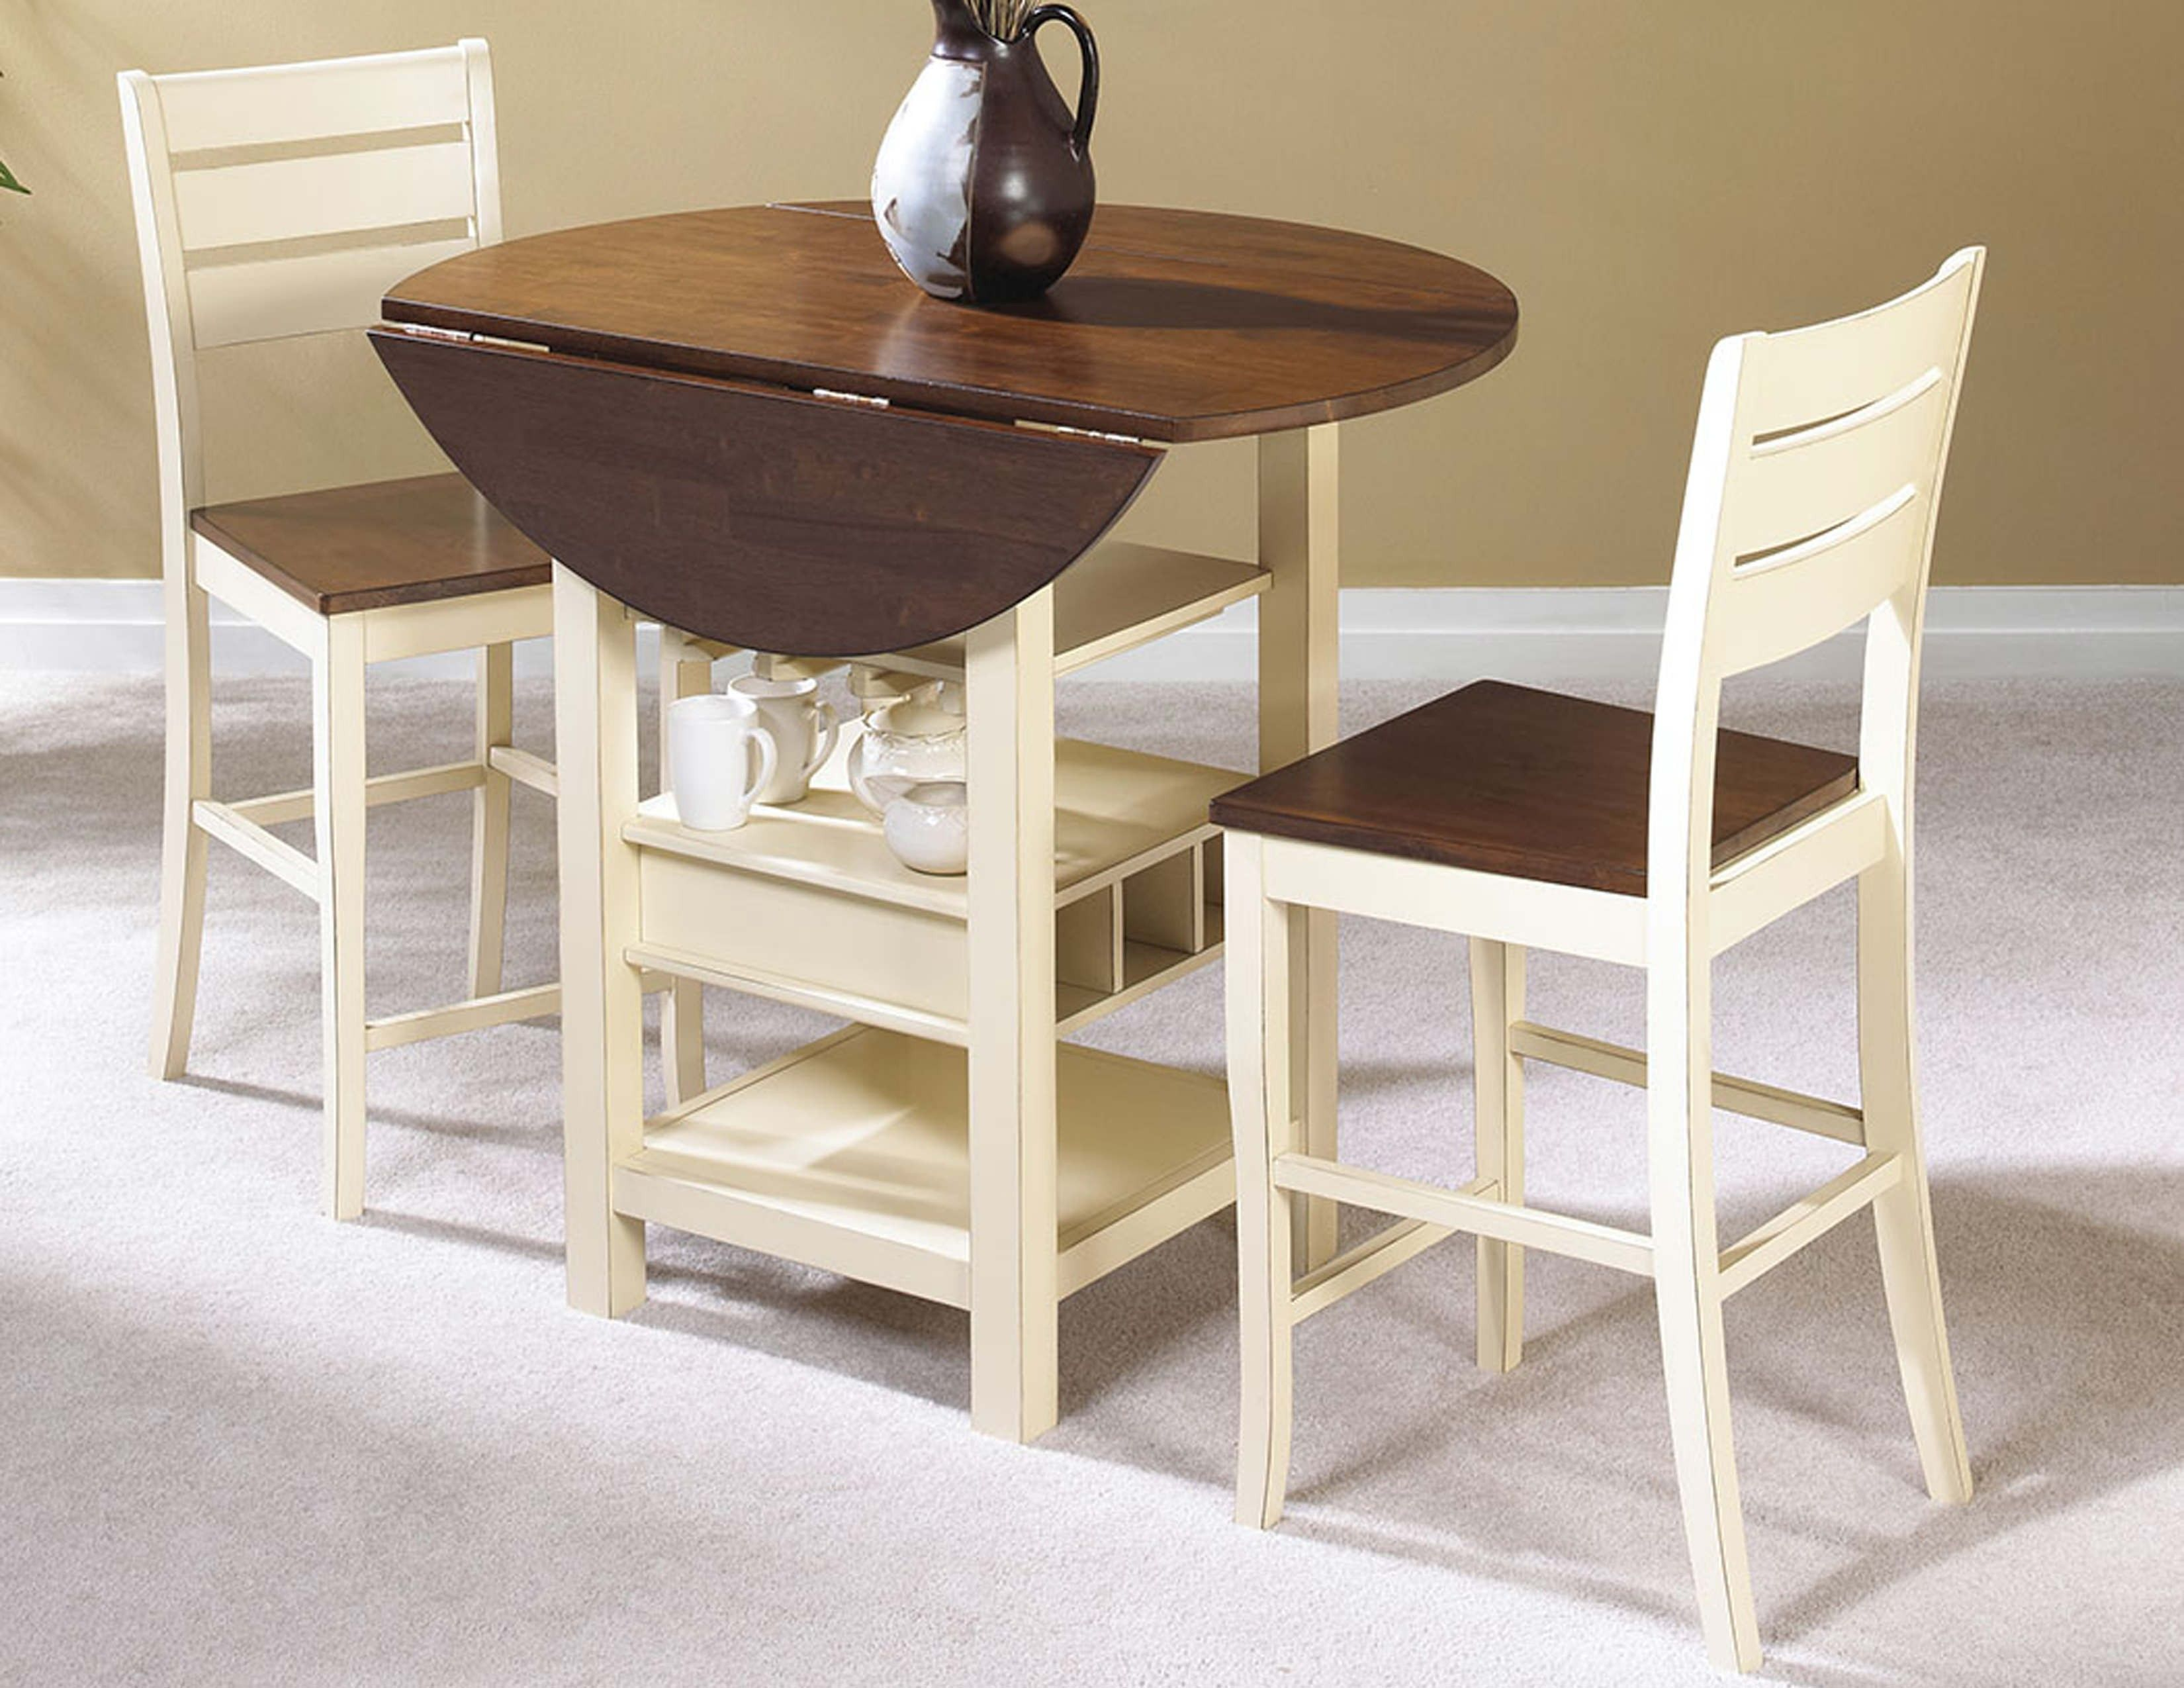 Kuche Und Esszimmer Tische Im Grossen Speisesaal Tisch Schwarz